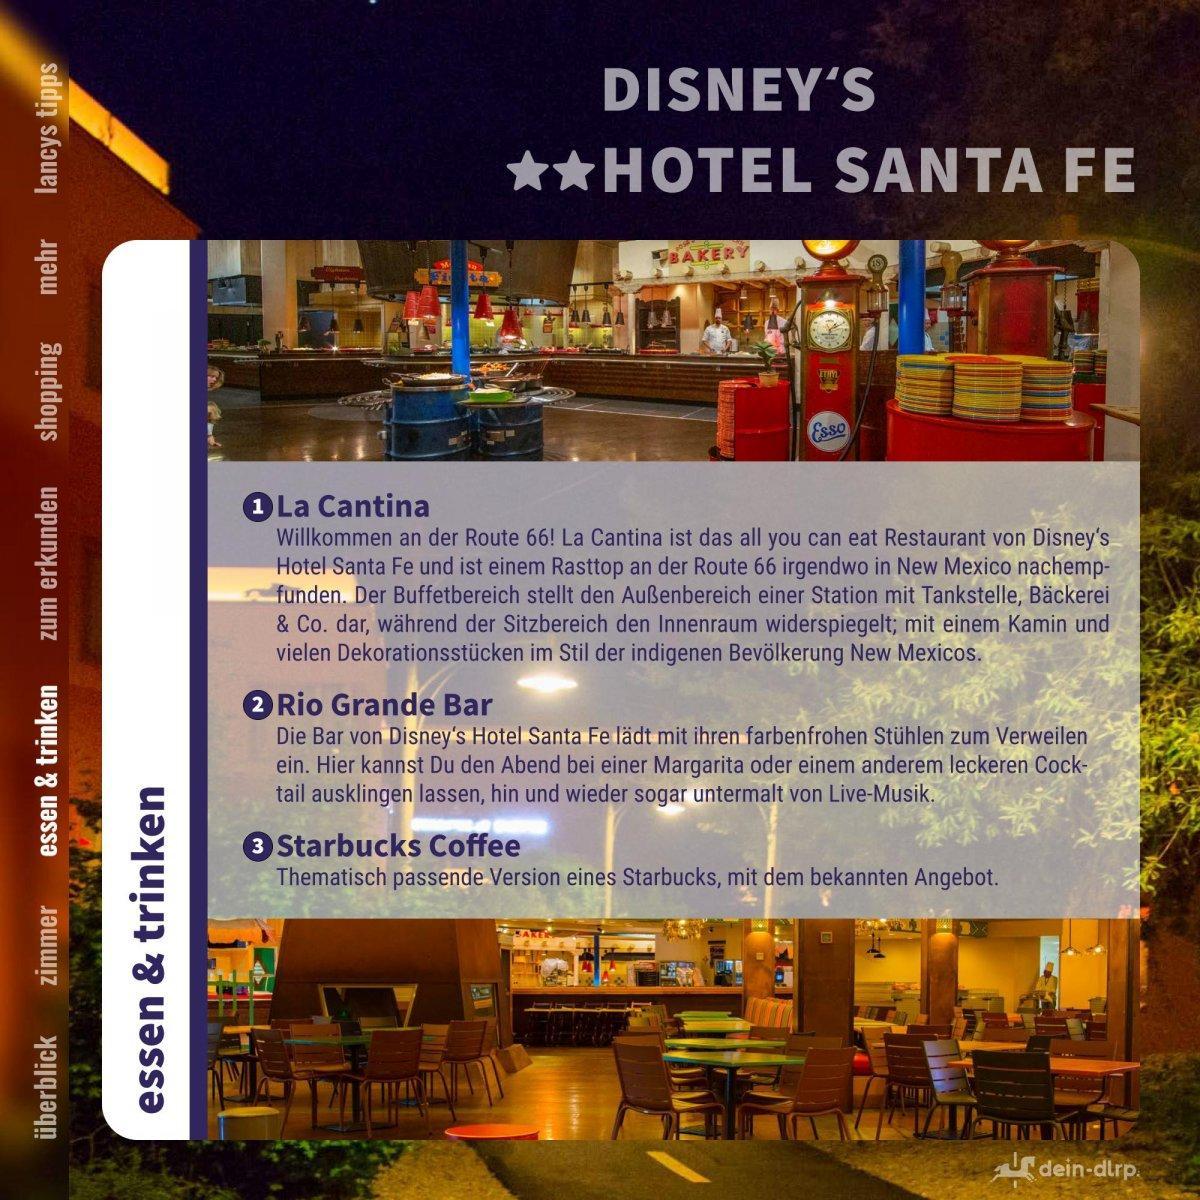 disneys-hotel-santa-fe-hotel-fuehrer_04.jpg